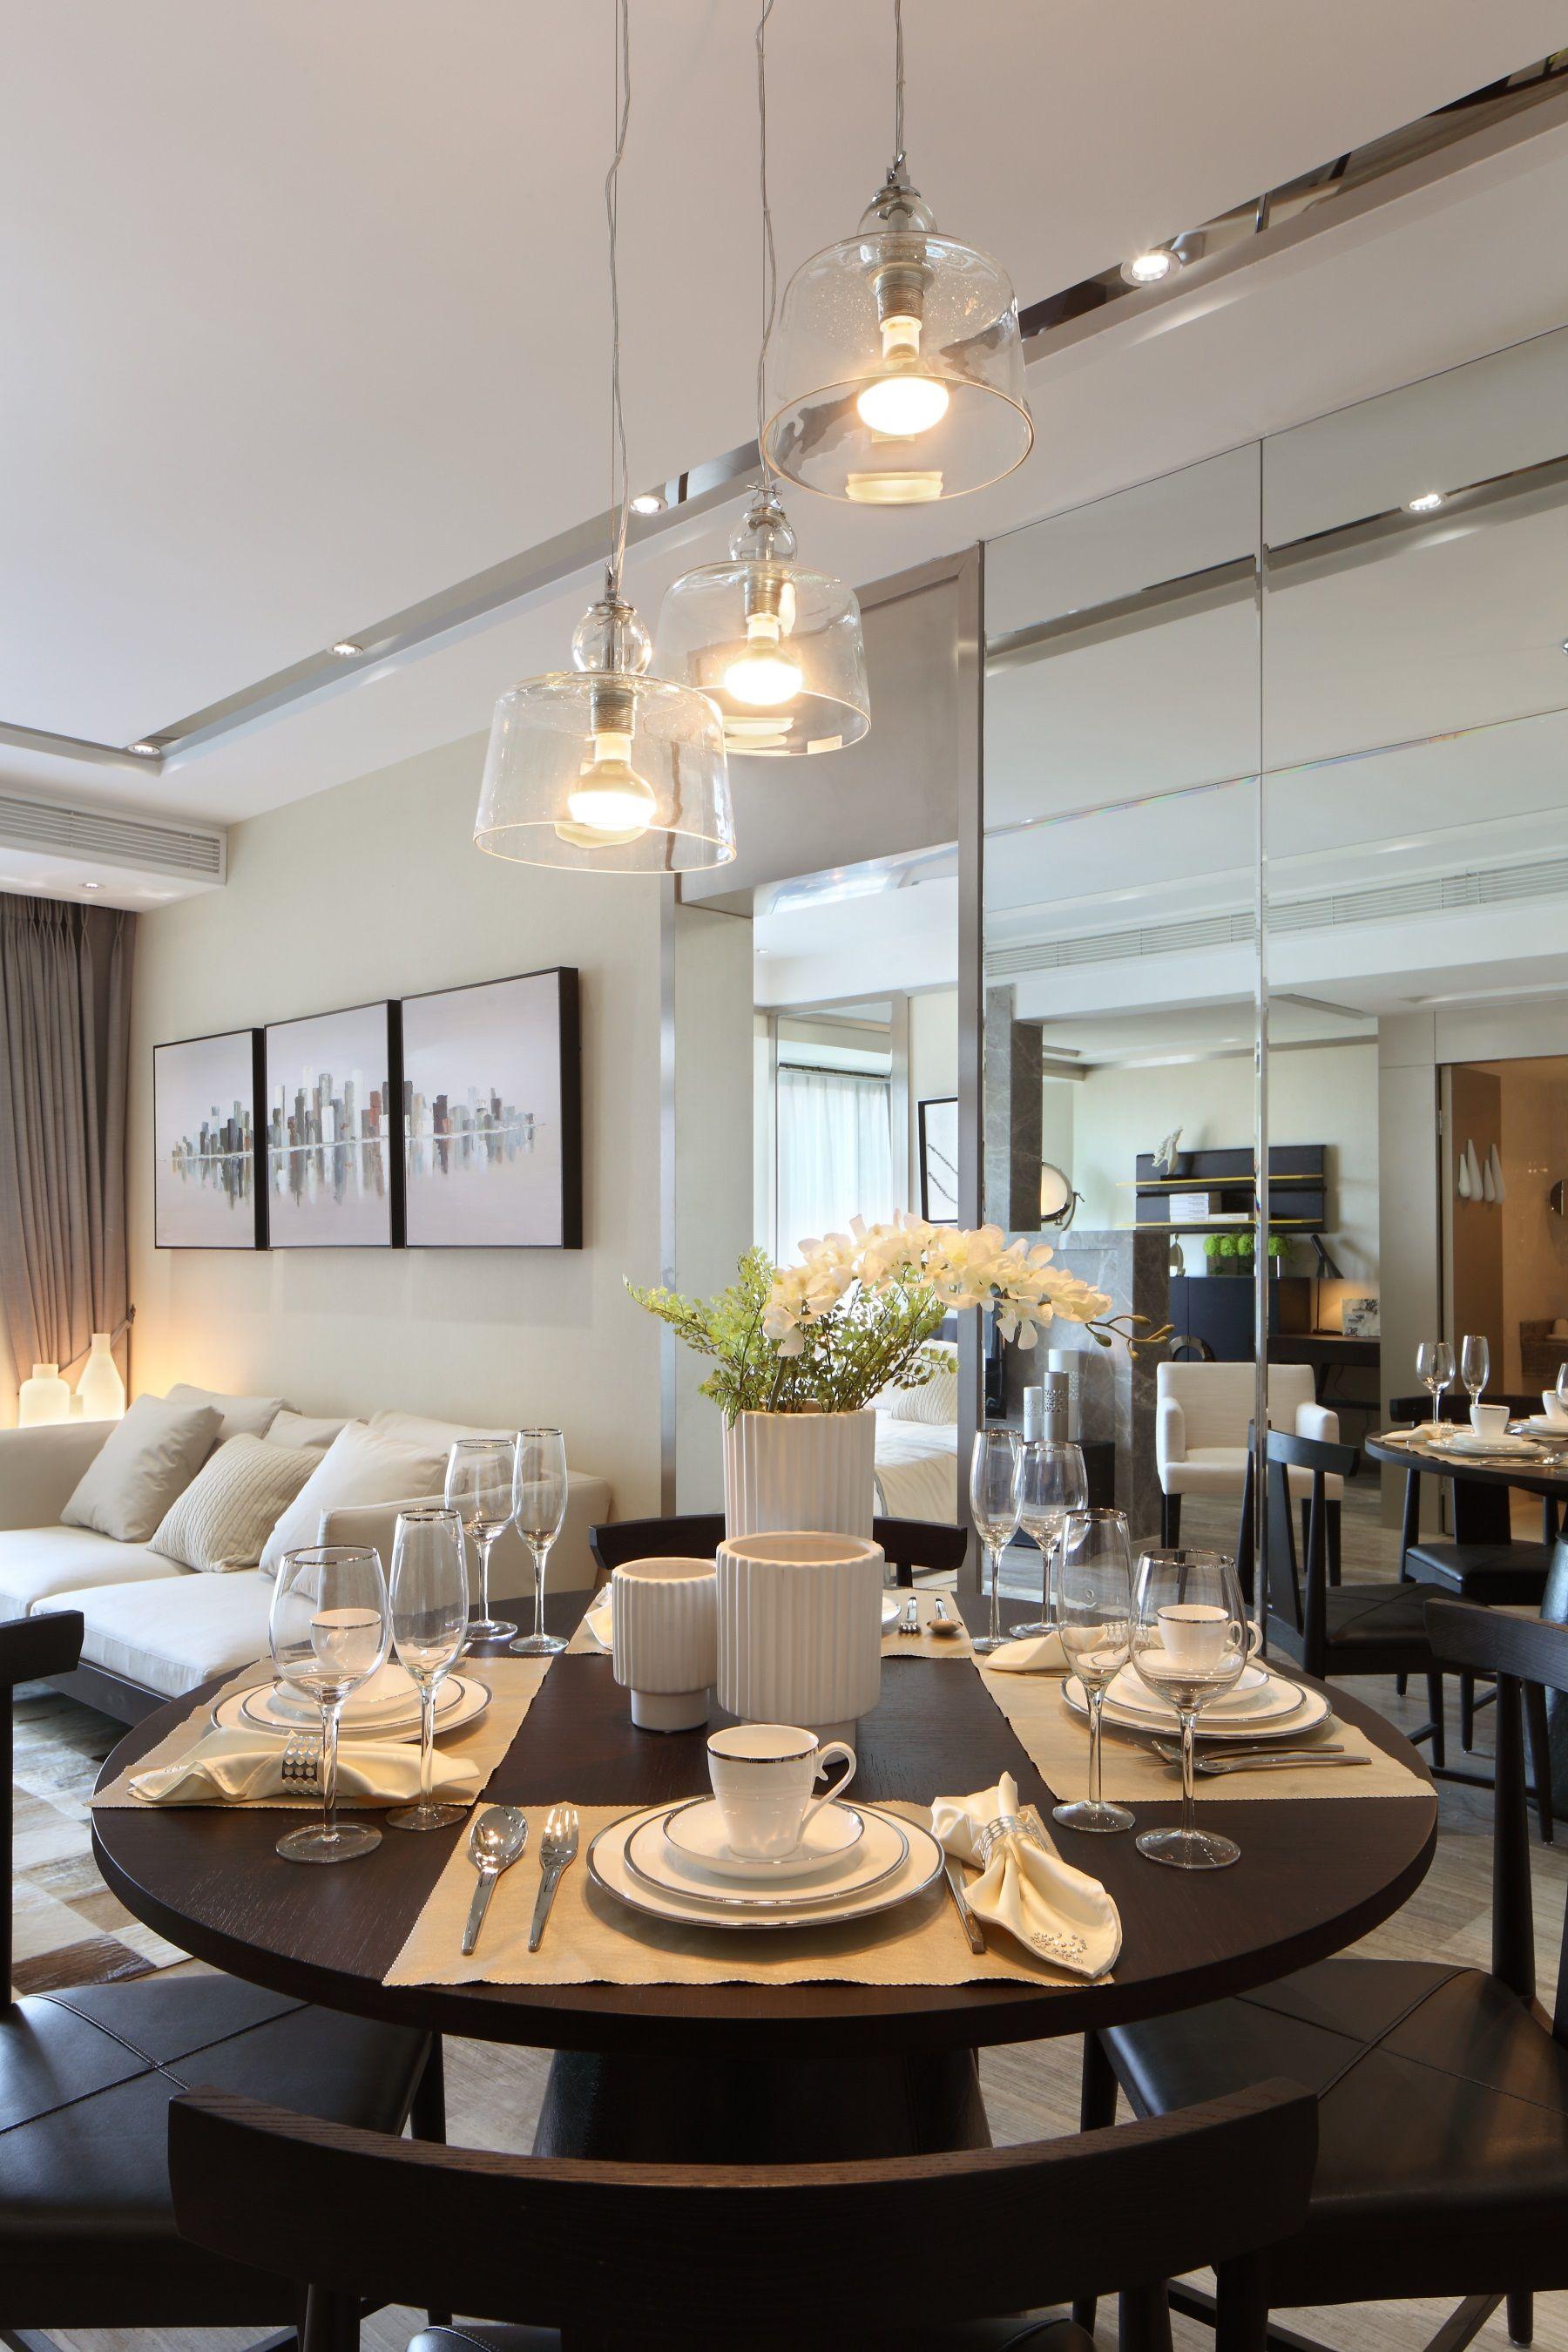 65㎡现代一居室餐厅装修效果图